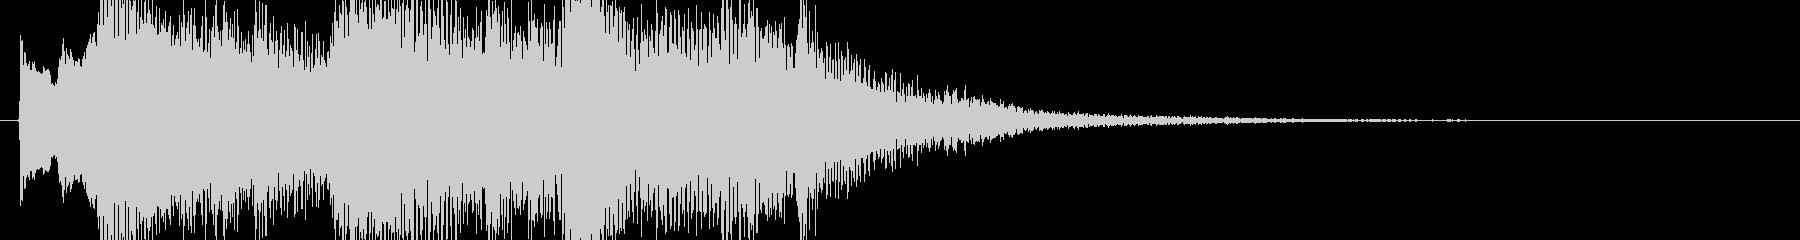 ピアノによる壮大でファンタジーなジングルの未再生の波形